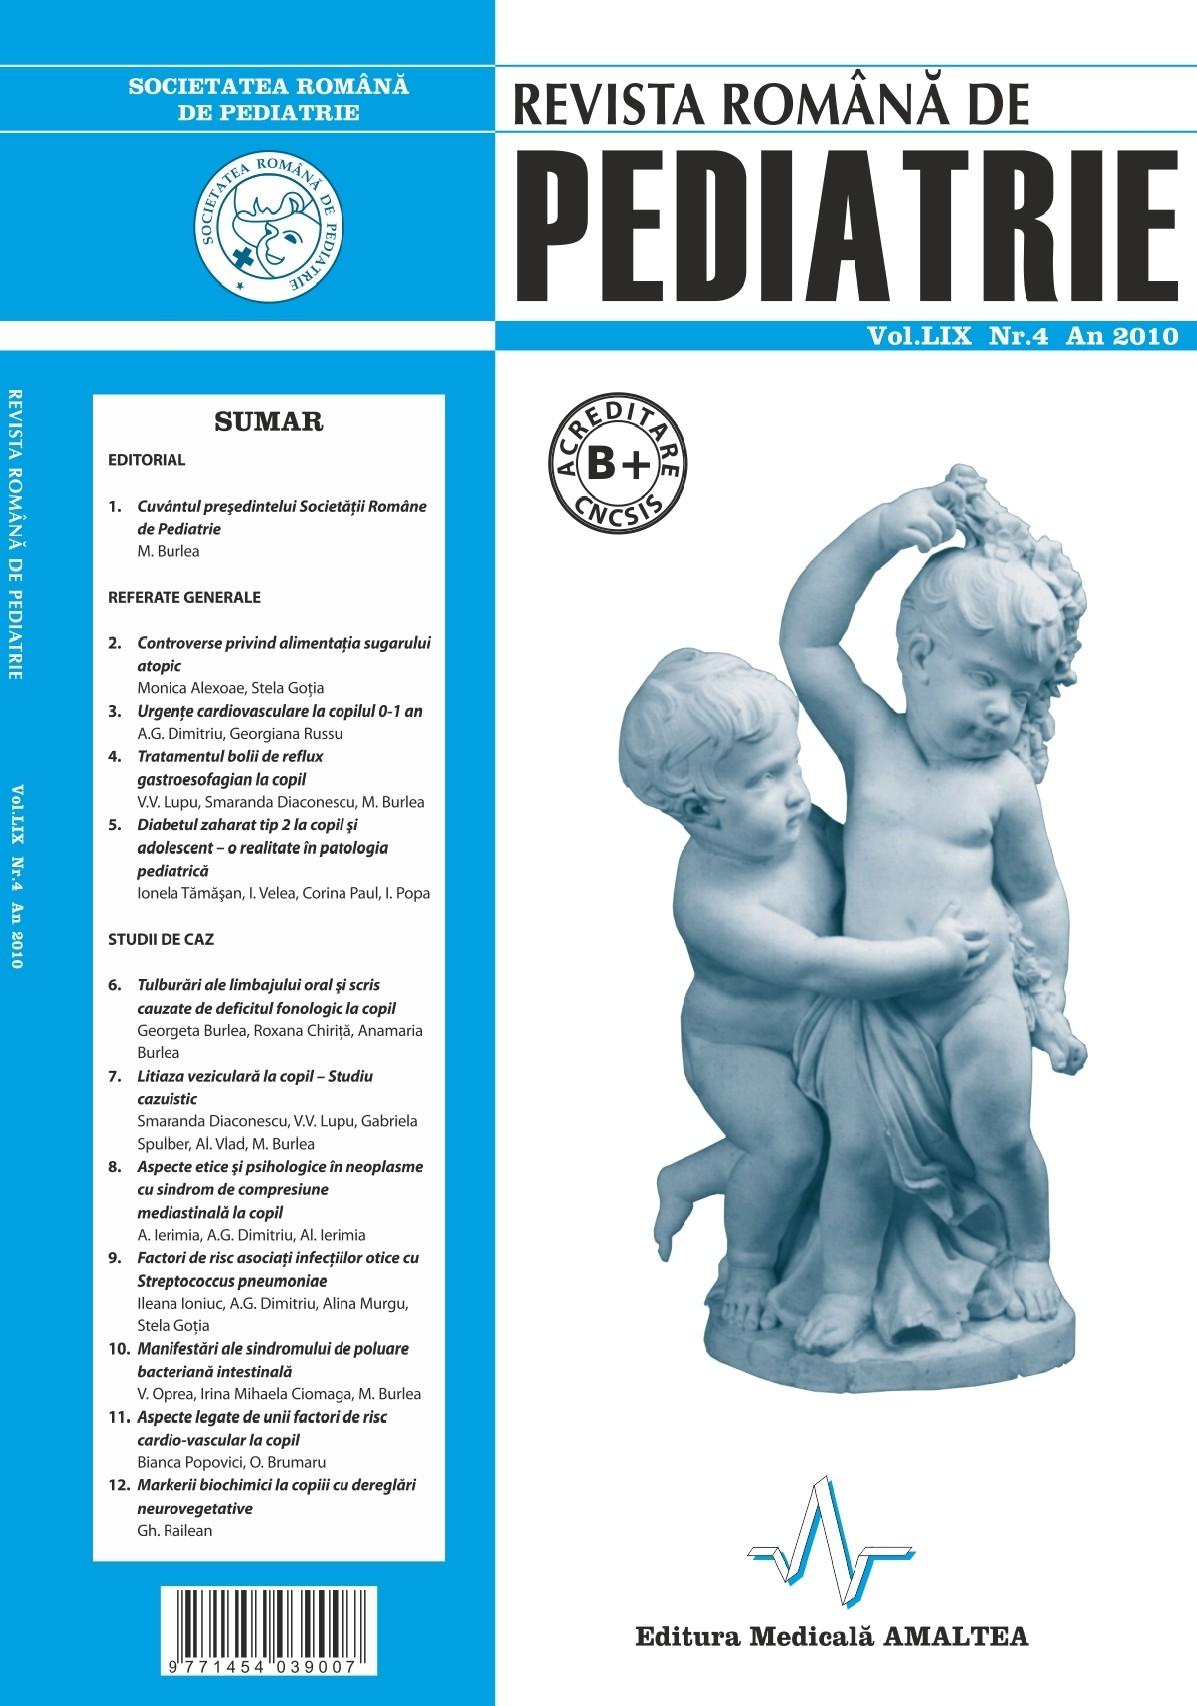 Revista Romana de PEDIATRIE | Volumul LIX, Nr. 4, An 2010